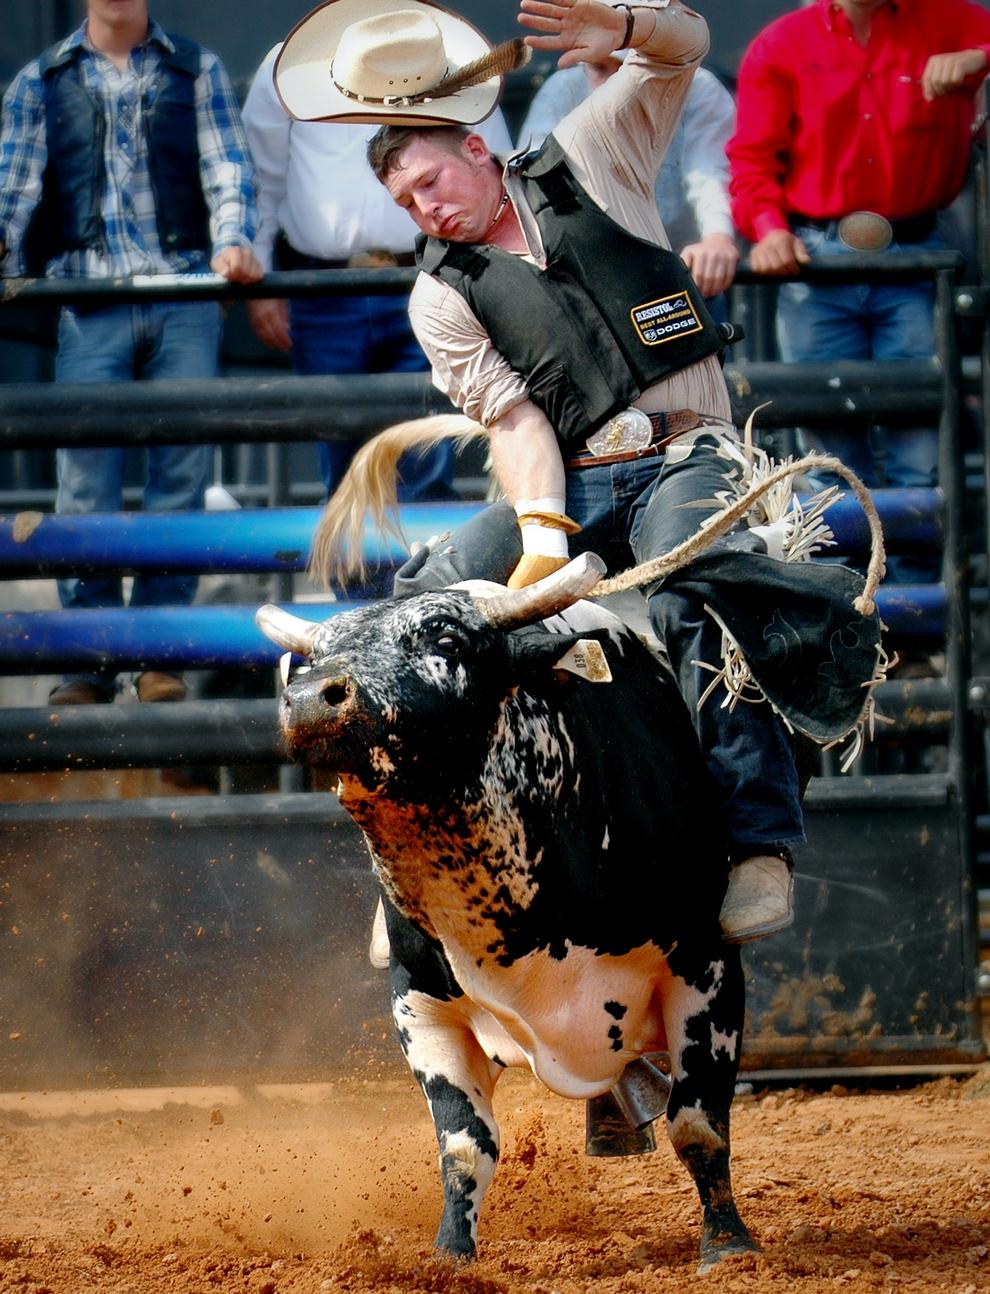 Bull Riding, «Скачки на быках». Проходят в Калгари, Канада. В самый разгар лета Калгари наполняется Бро туристами, приехавшими поглазеть на смельчаков с быками. Один лишь вид животного внушает ужас: еще до выхода на арену бык бьет копытами, и его с трудом сдерживают несколько человек. А те, кто решается запрыгнуть на его спину, отлетают как тряпичные куклы. Большой удачей считается удержаться на быке хотя бы 5 секунд! Победитель же должен провести на спине минимум 8 секунд, что удается единицам.